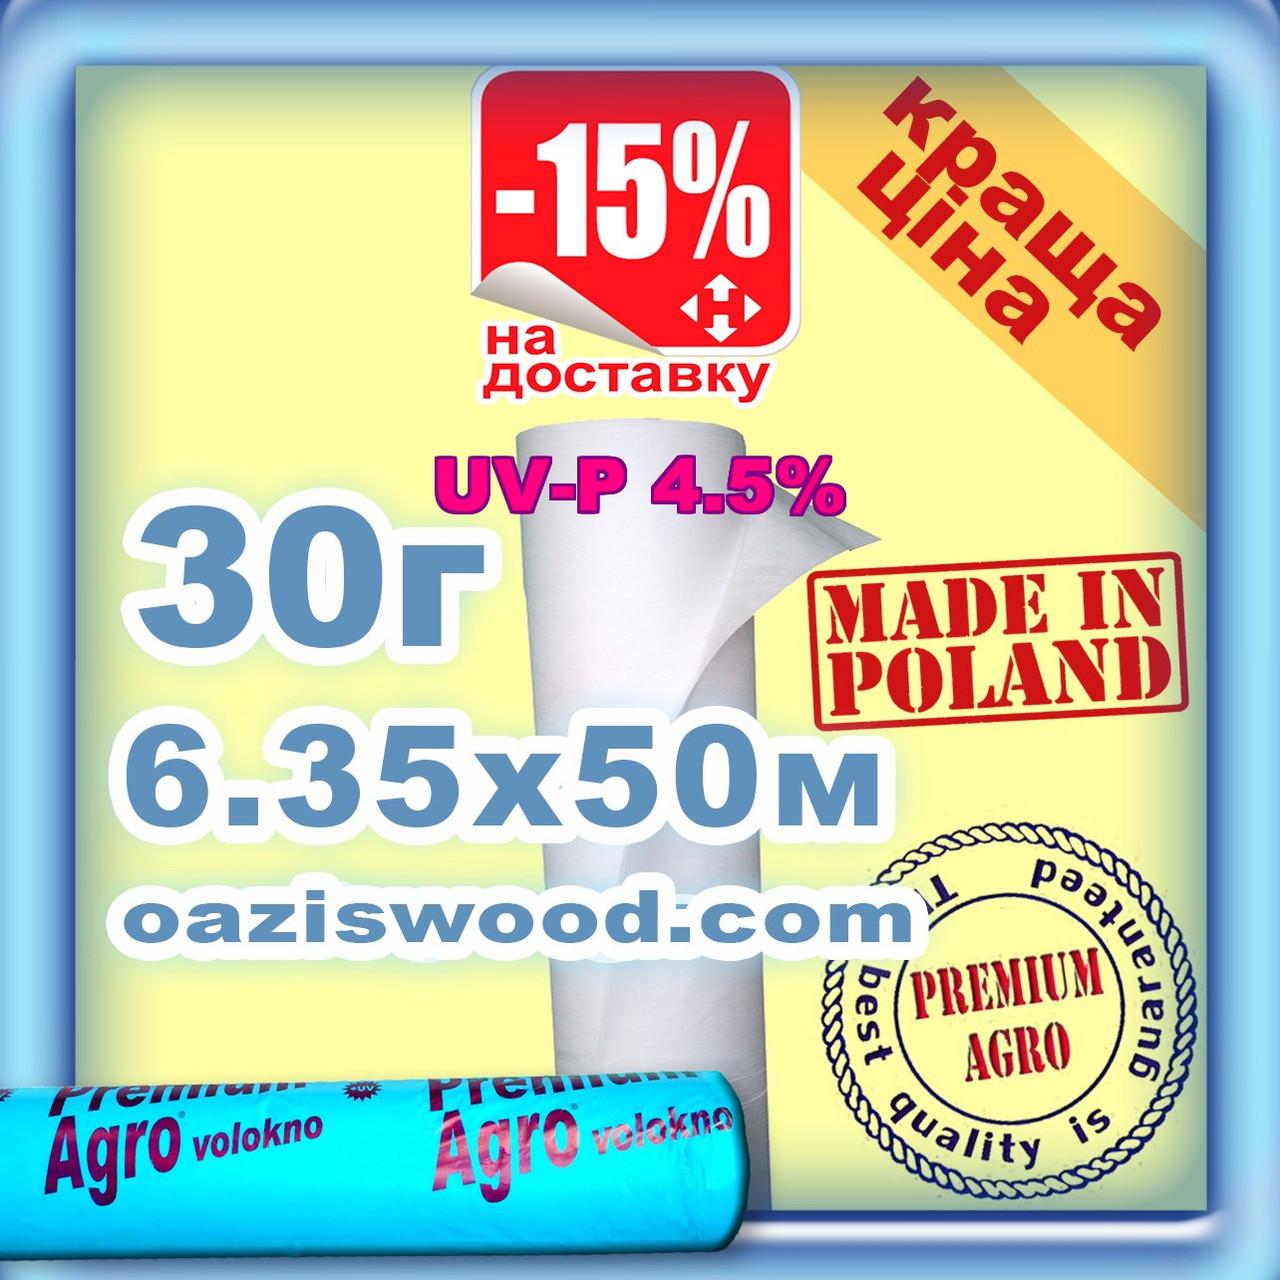 Агроволокно р-30g 6.35*50м белое UV-P 4.5% Premium-Agro Польша